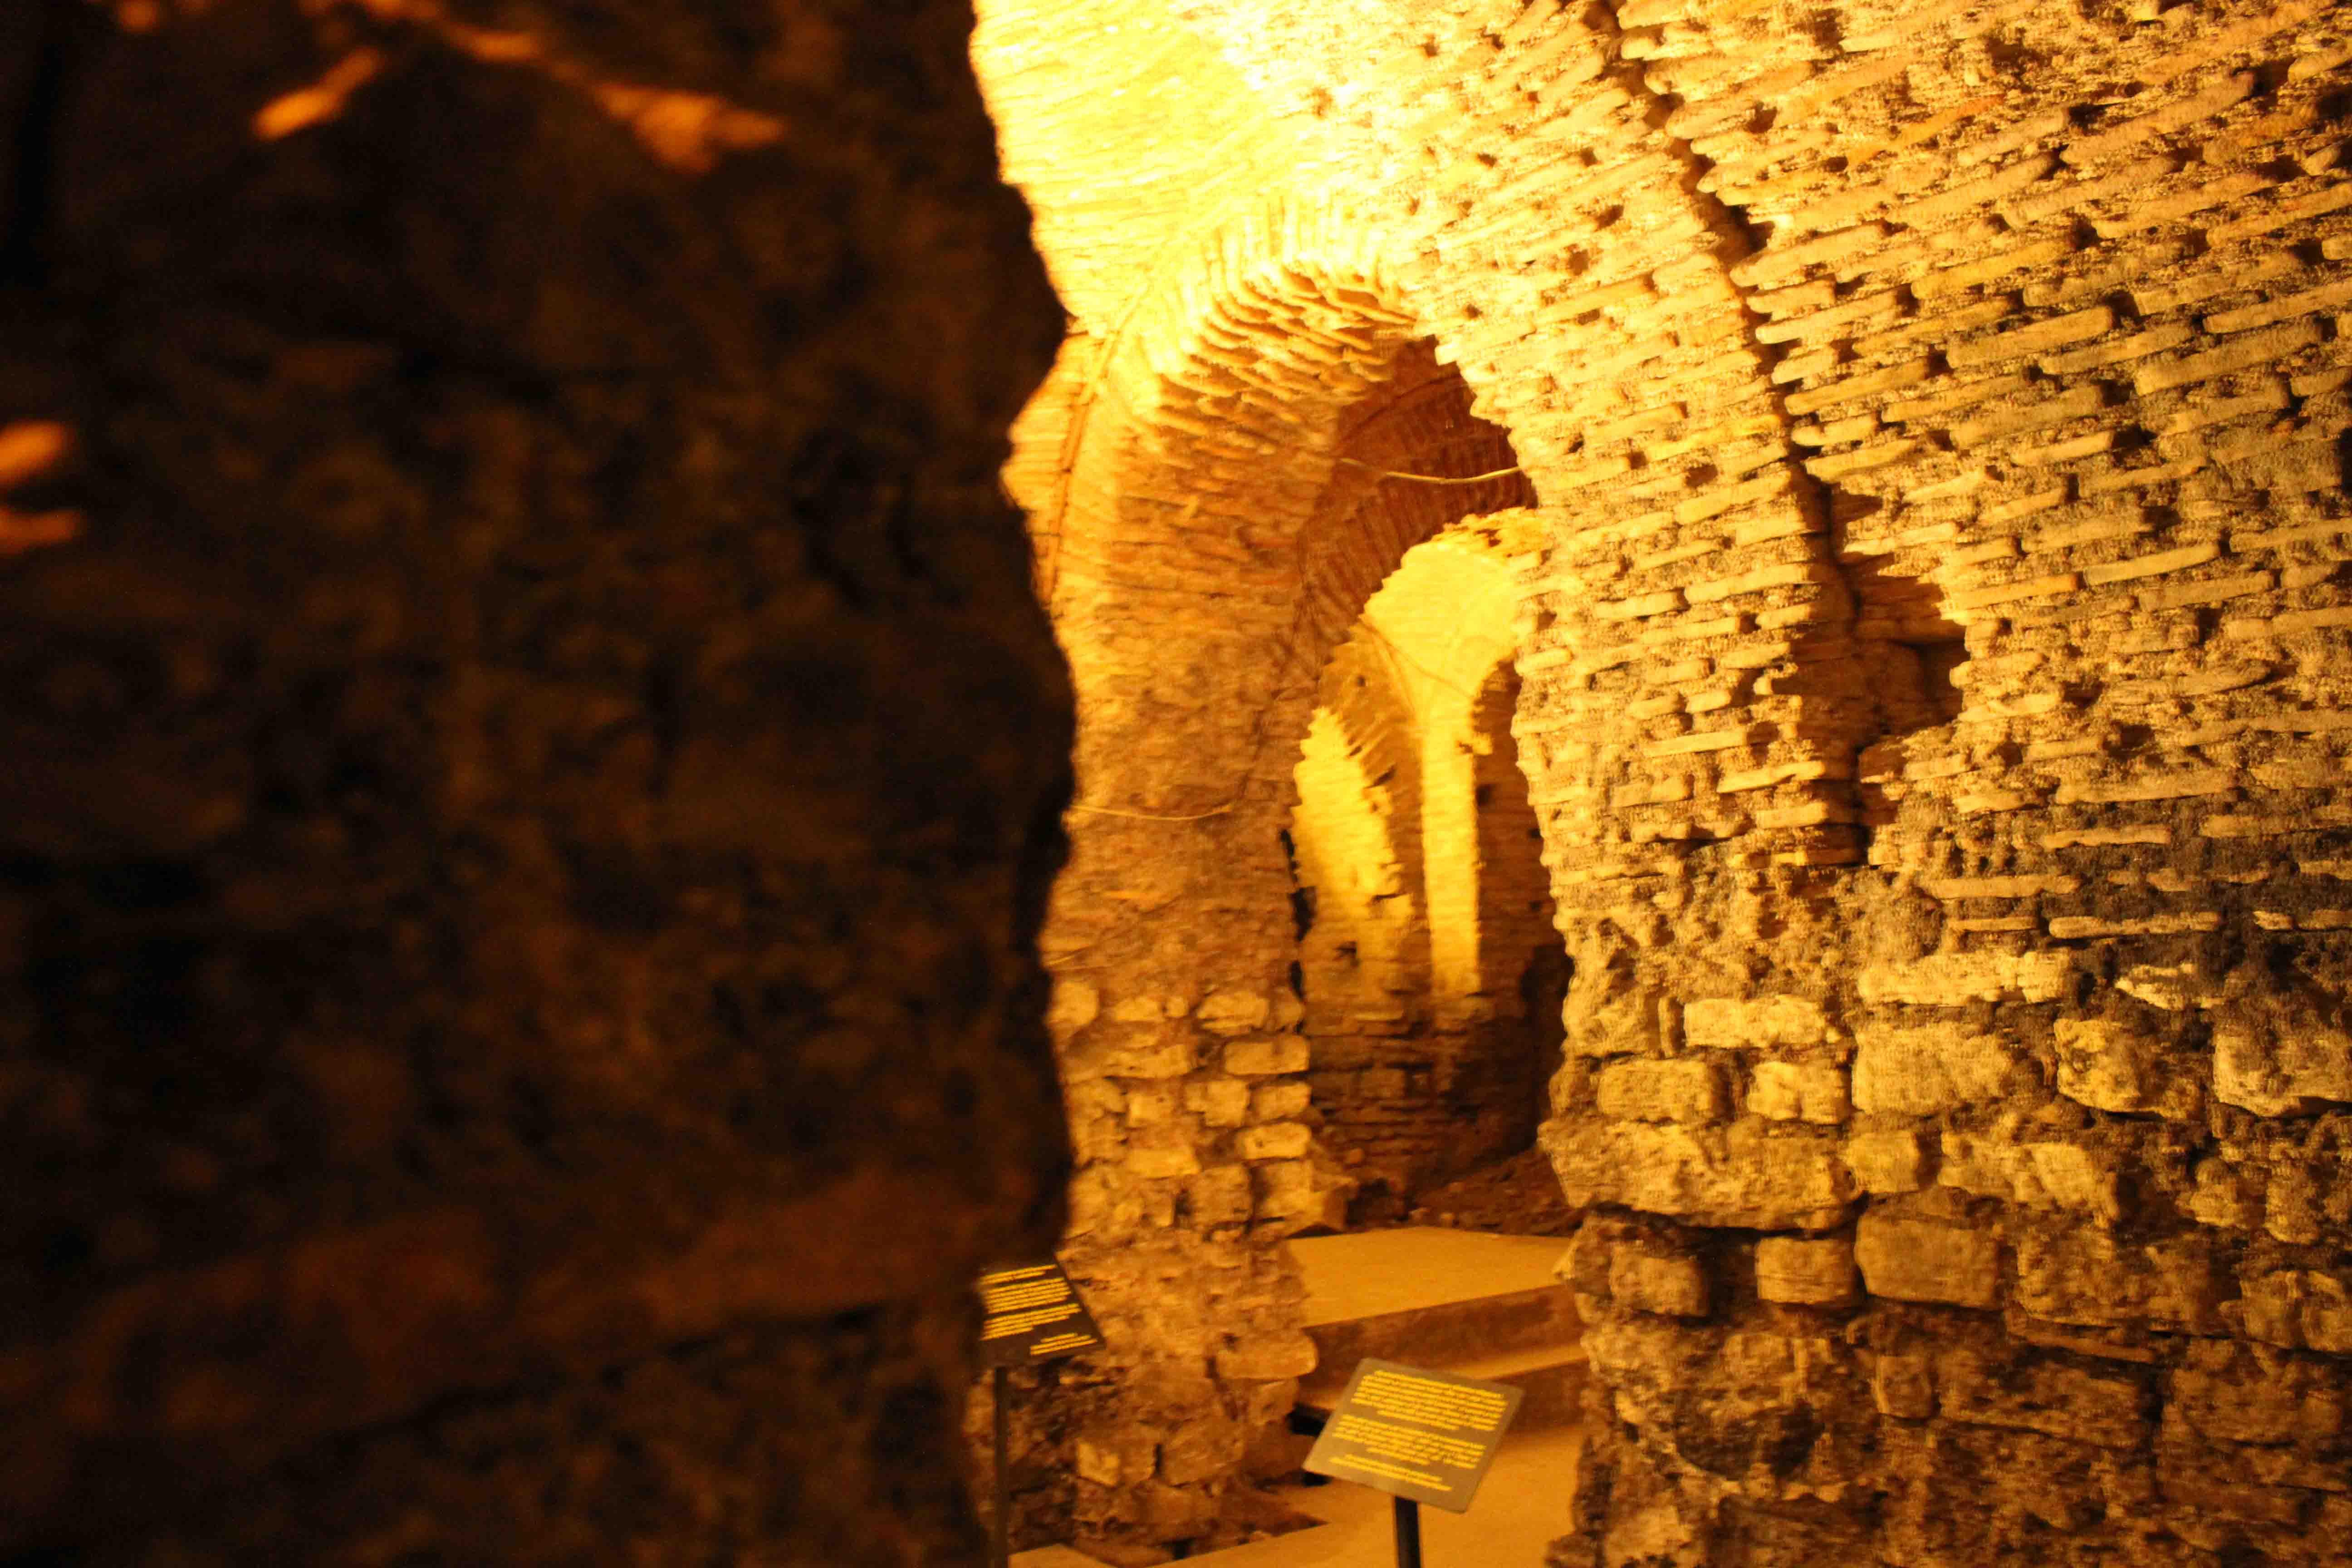 https://www.alburakathisma.com/images/galeri/orjinal/albura-Cistern-84.jpg